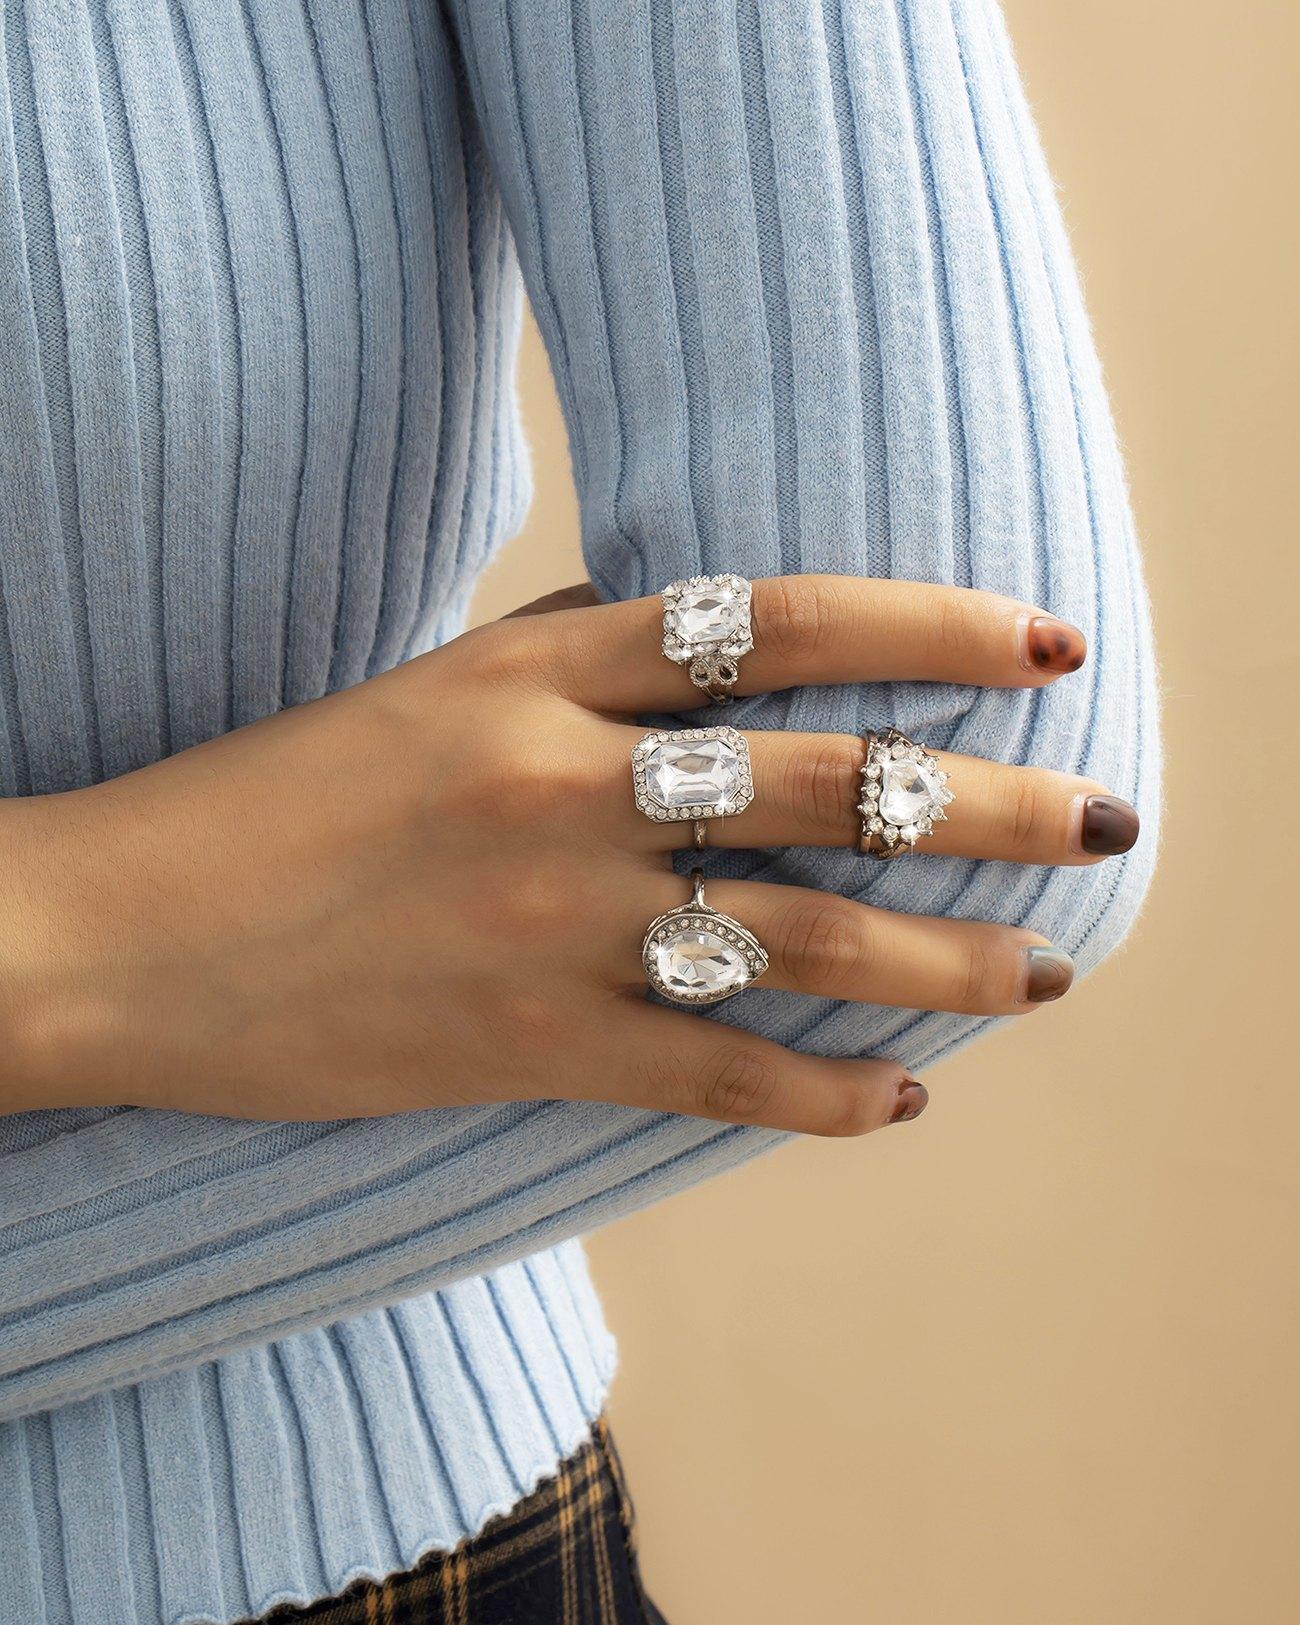 4pcs magnifique bague en diamant - Argent ONE SIZE